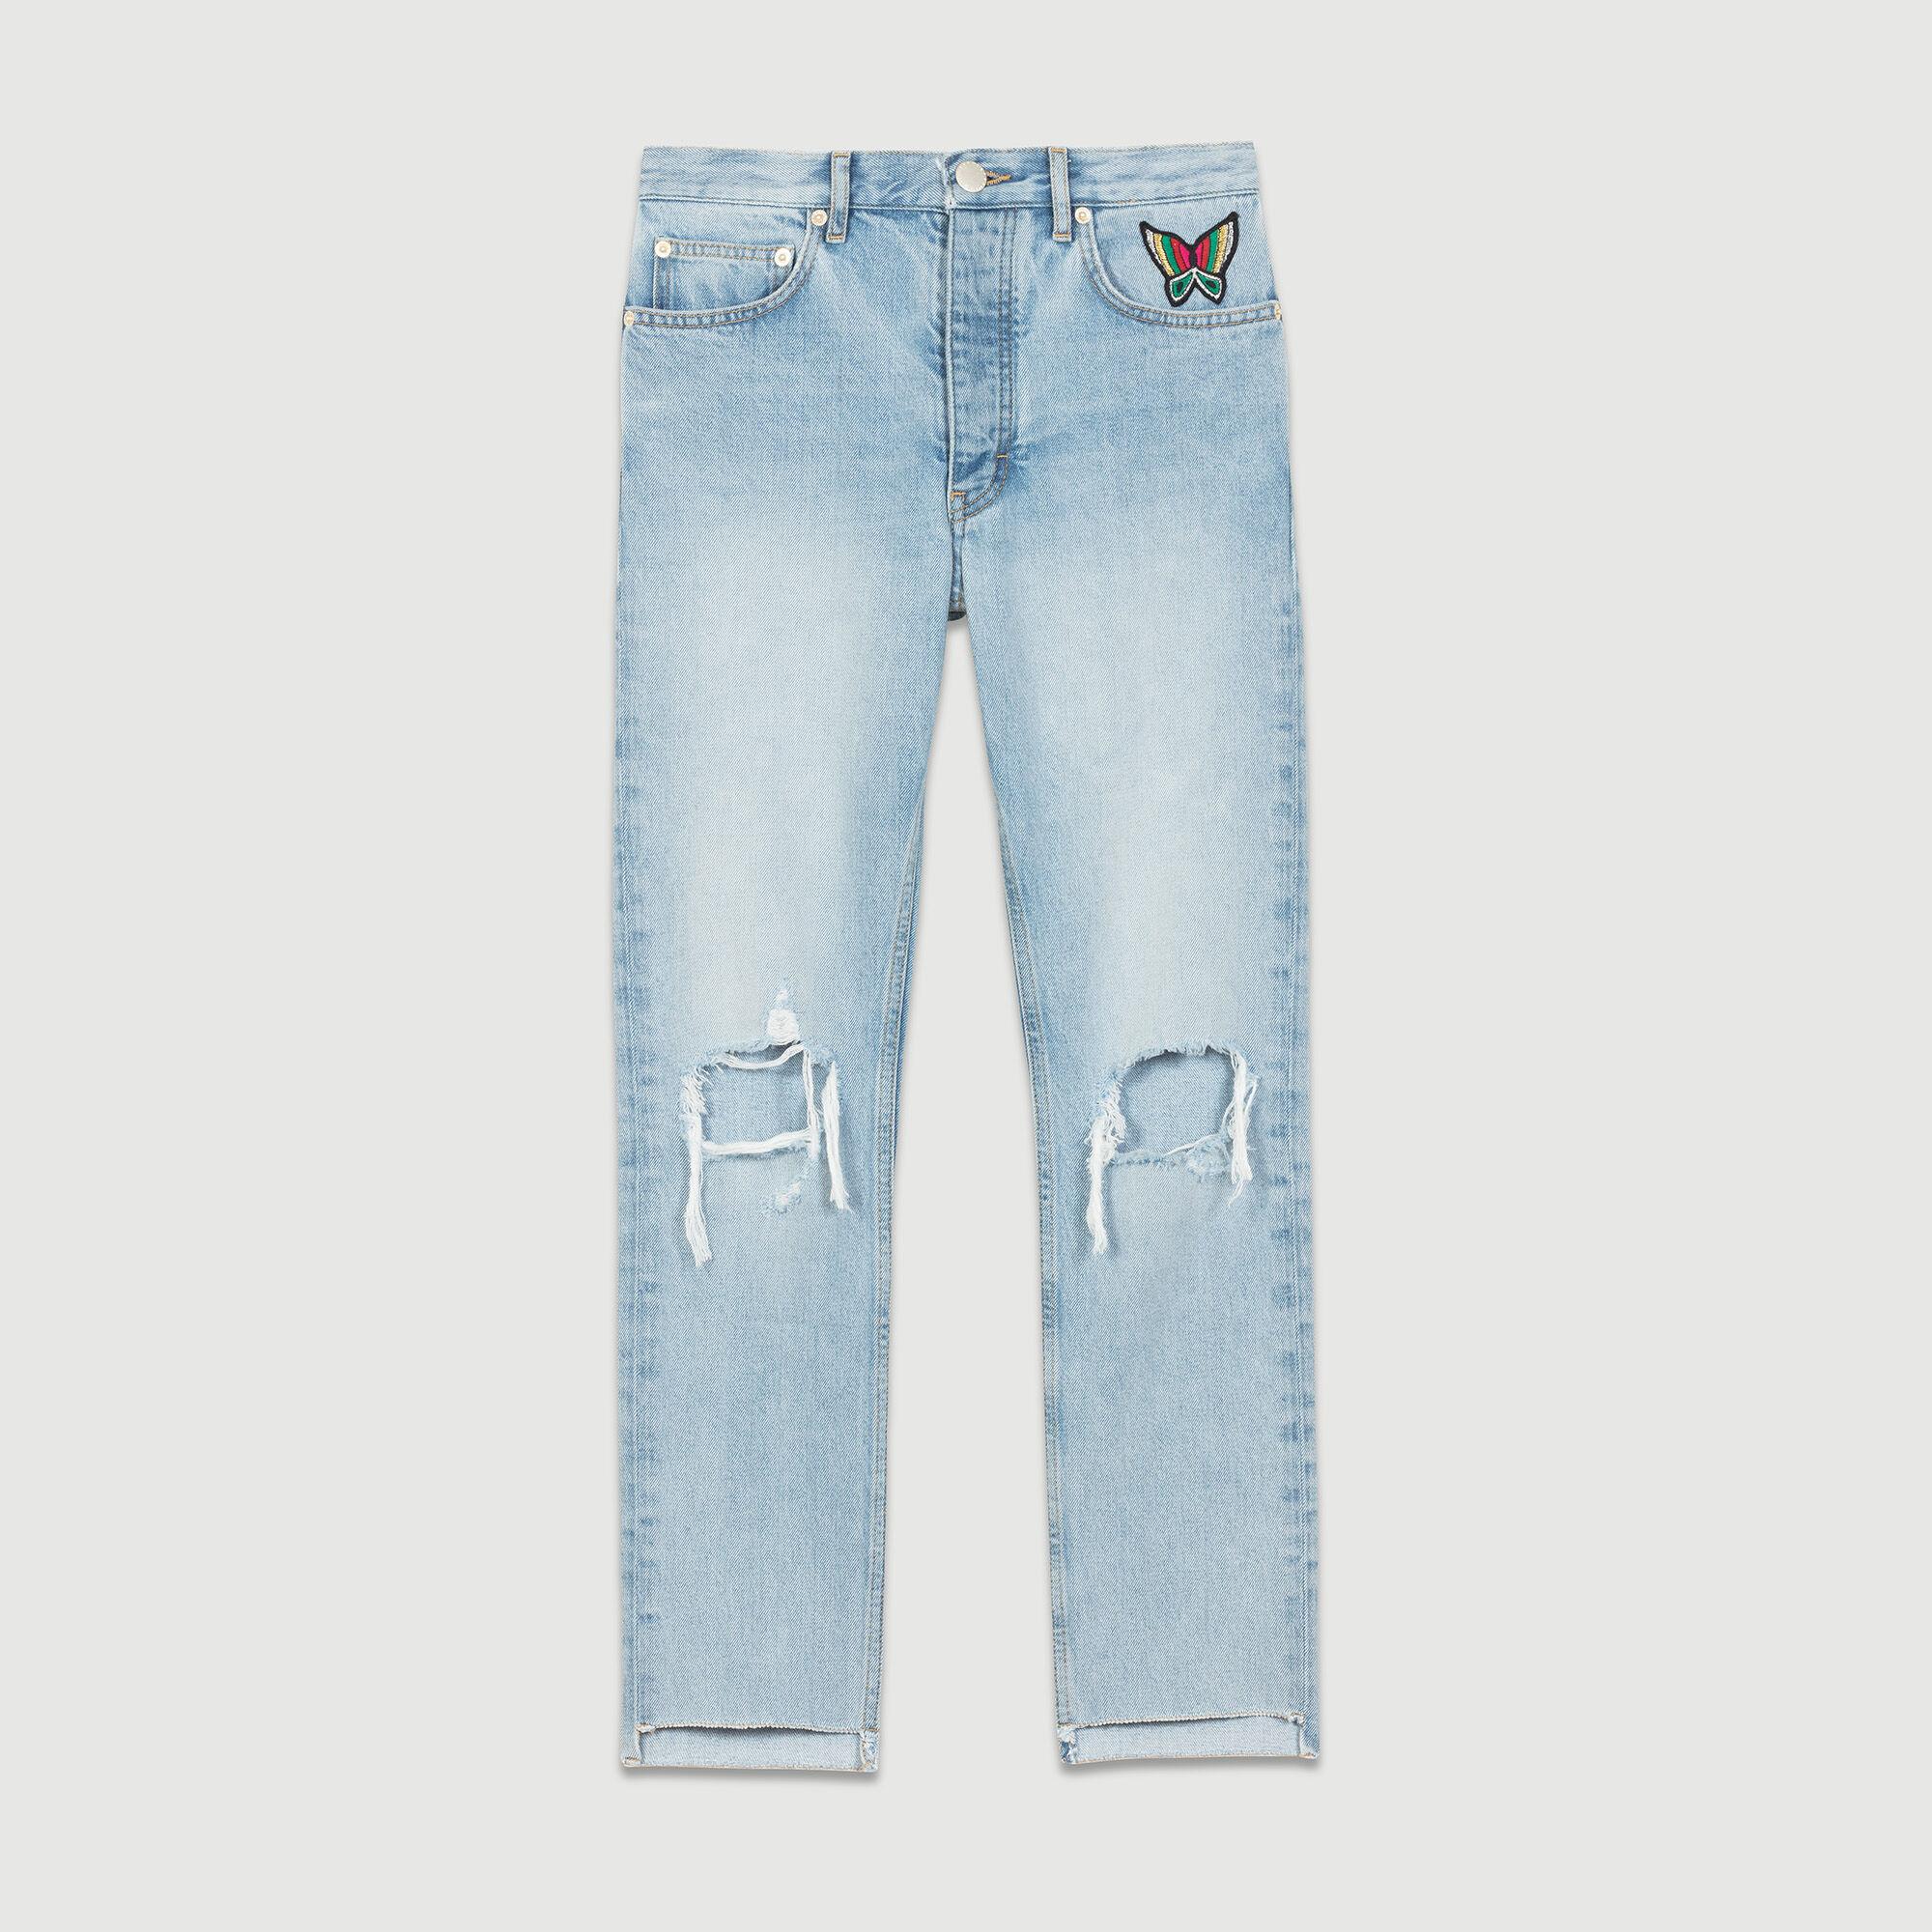 Premium jeans for men